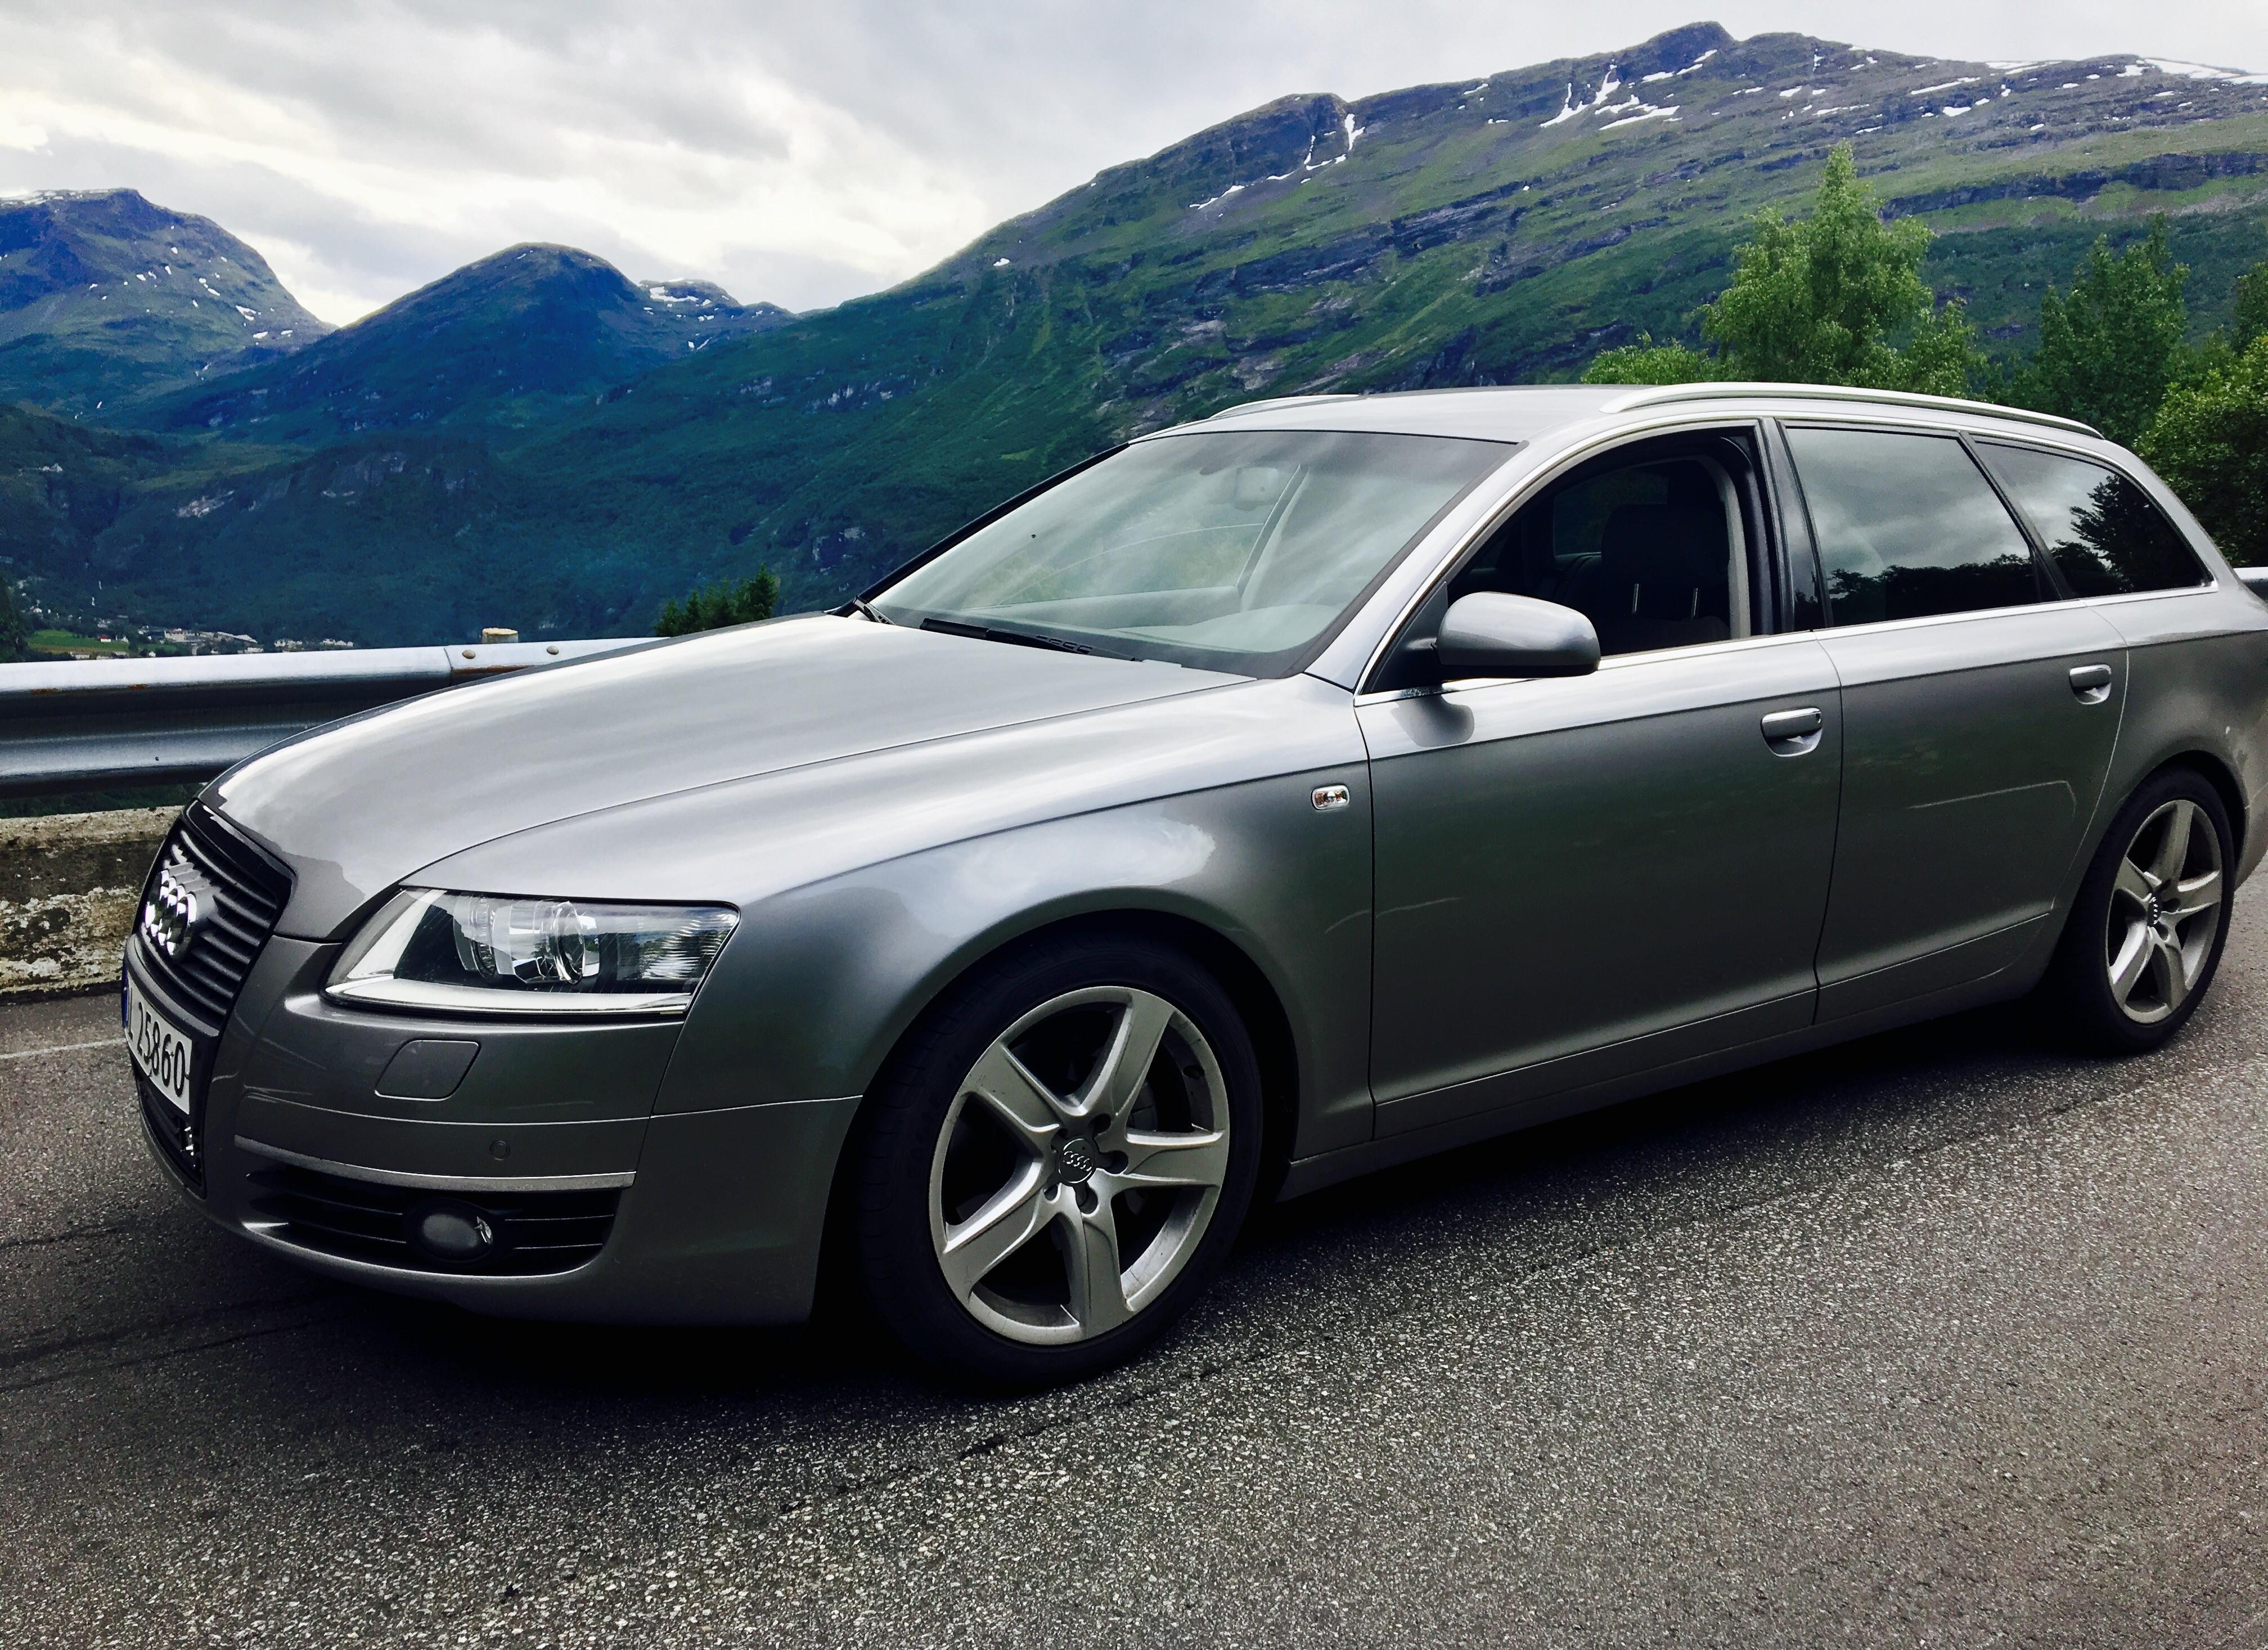 Kelebihan Audi 2.7 Tdi Perbandingan Harga